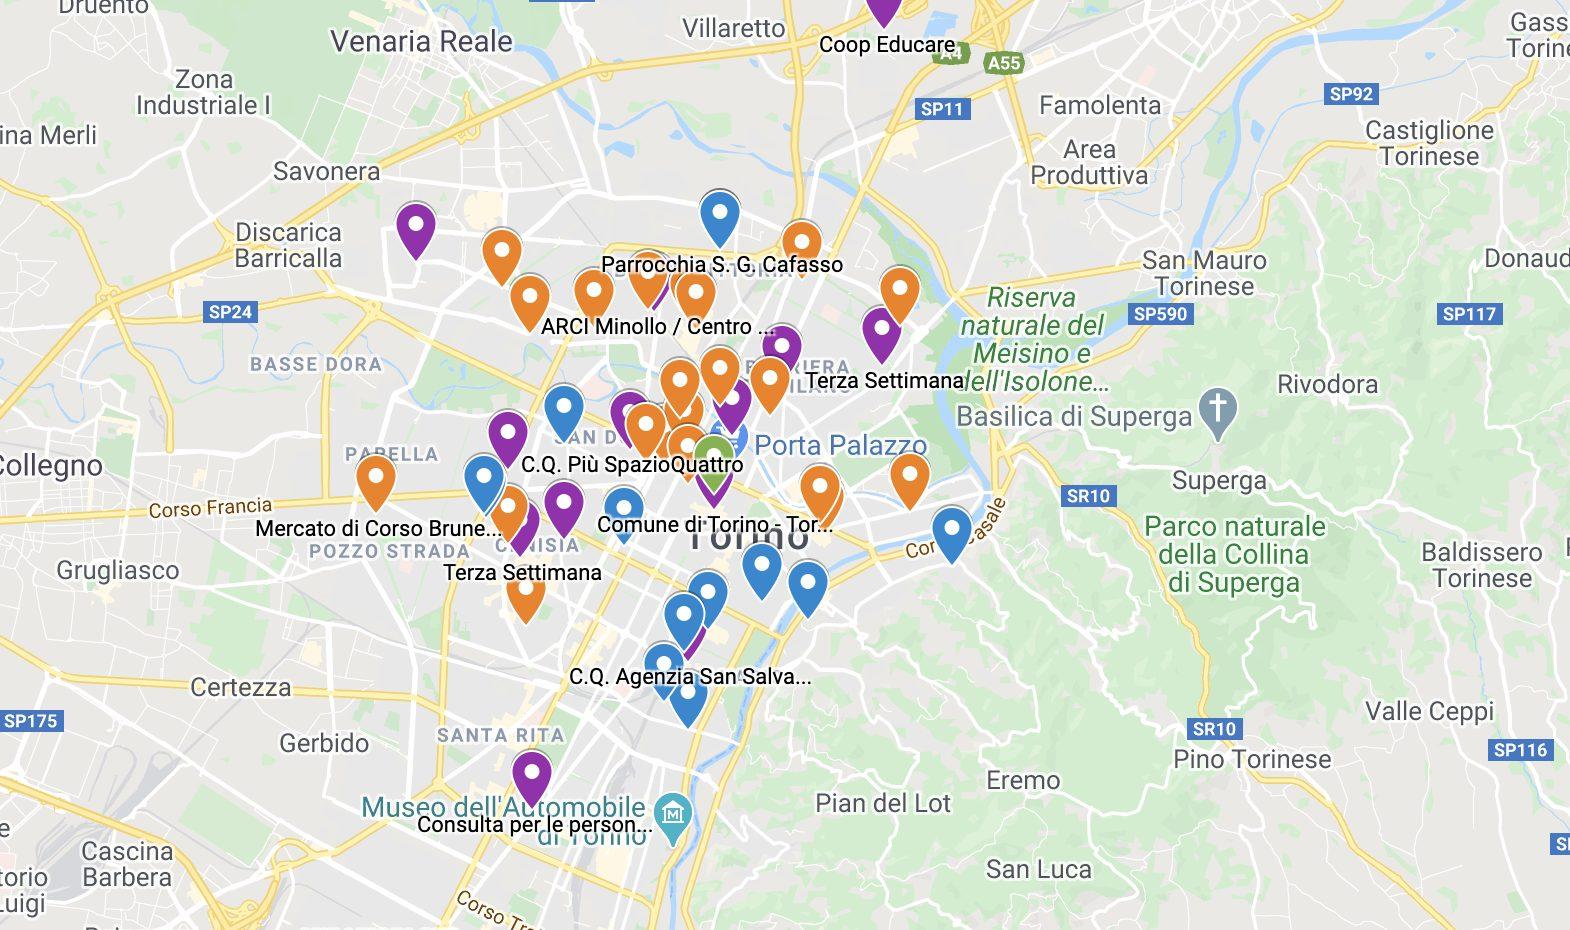 Le mappe di tre grandi città italiane diventano solidali e combattono lo spreco alimentare